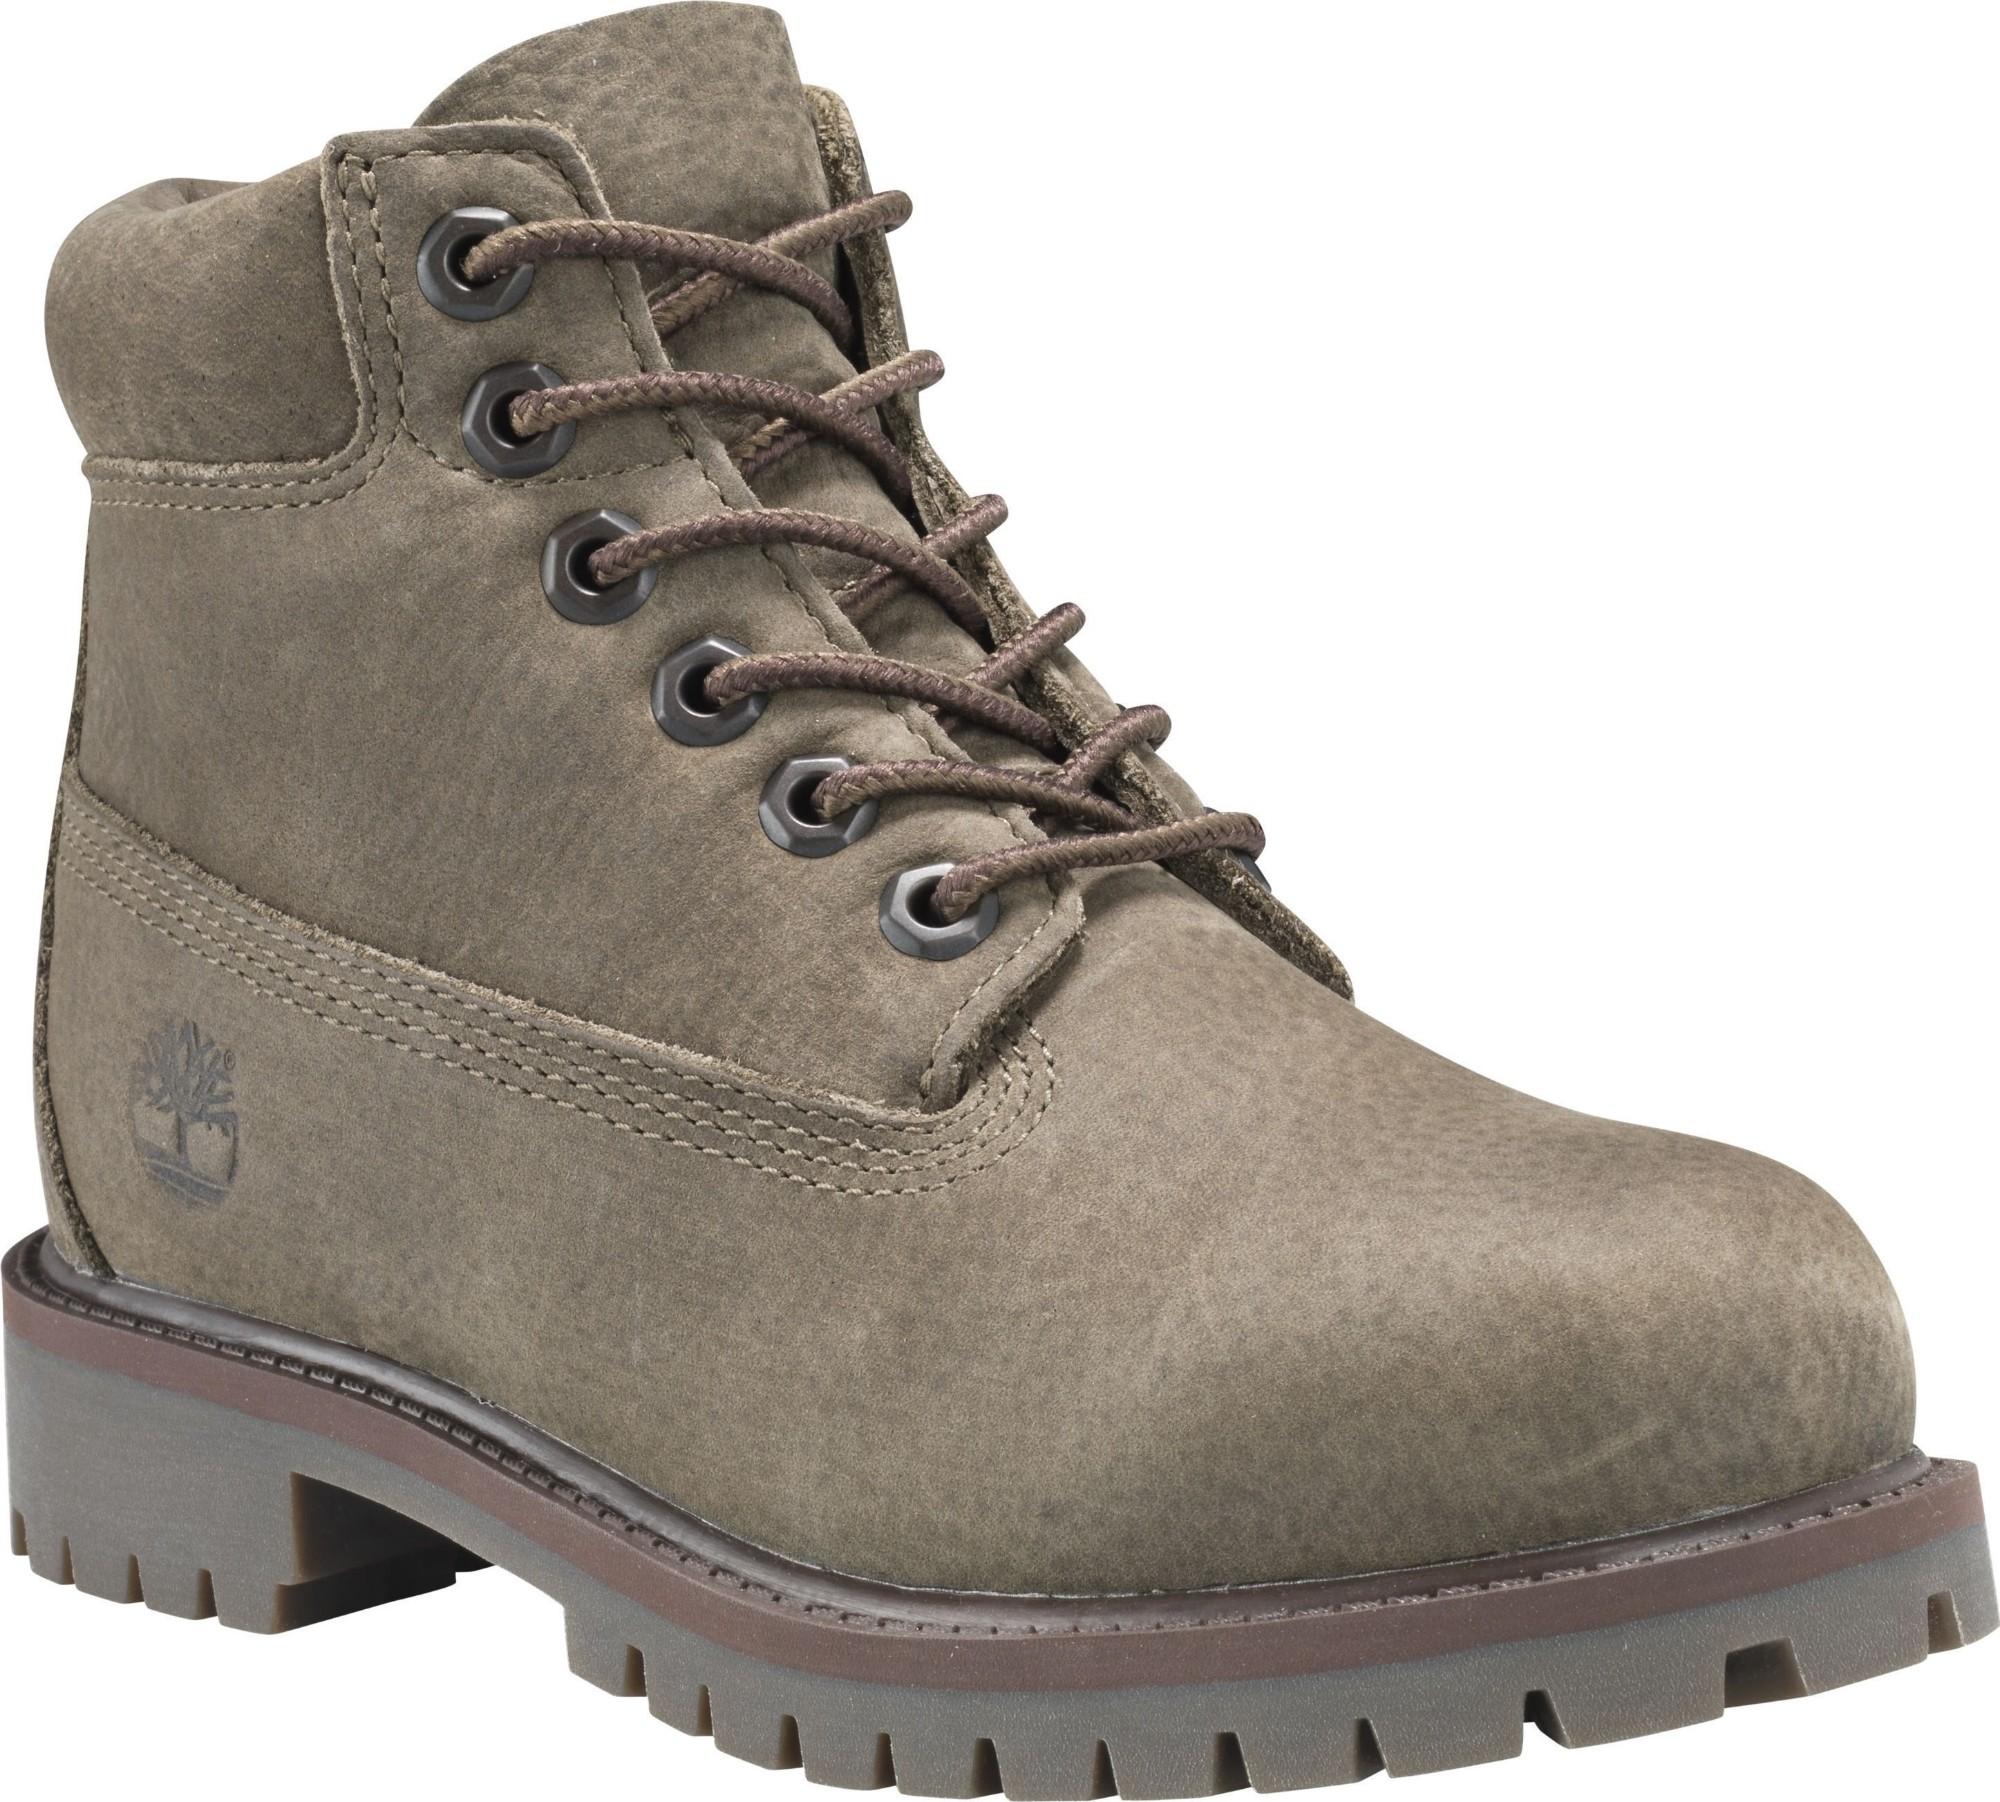 Timberland 6 In Premium Boot Junior's Olive 36